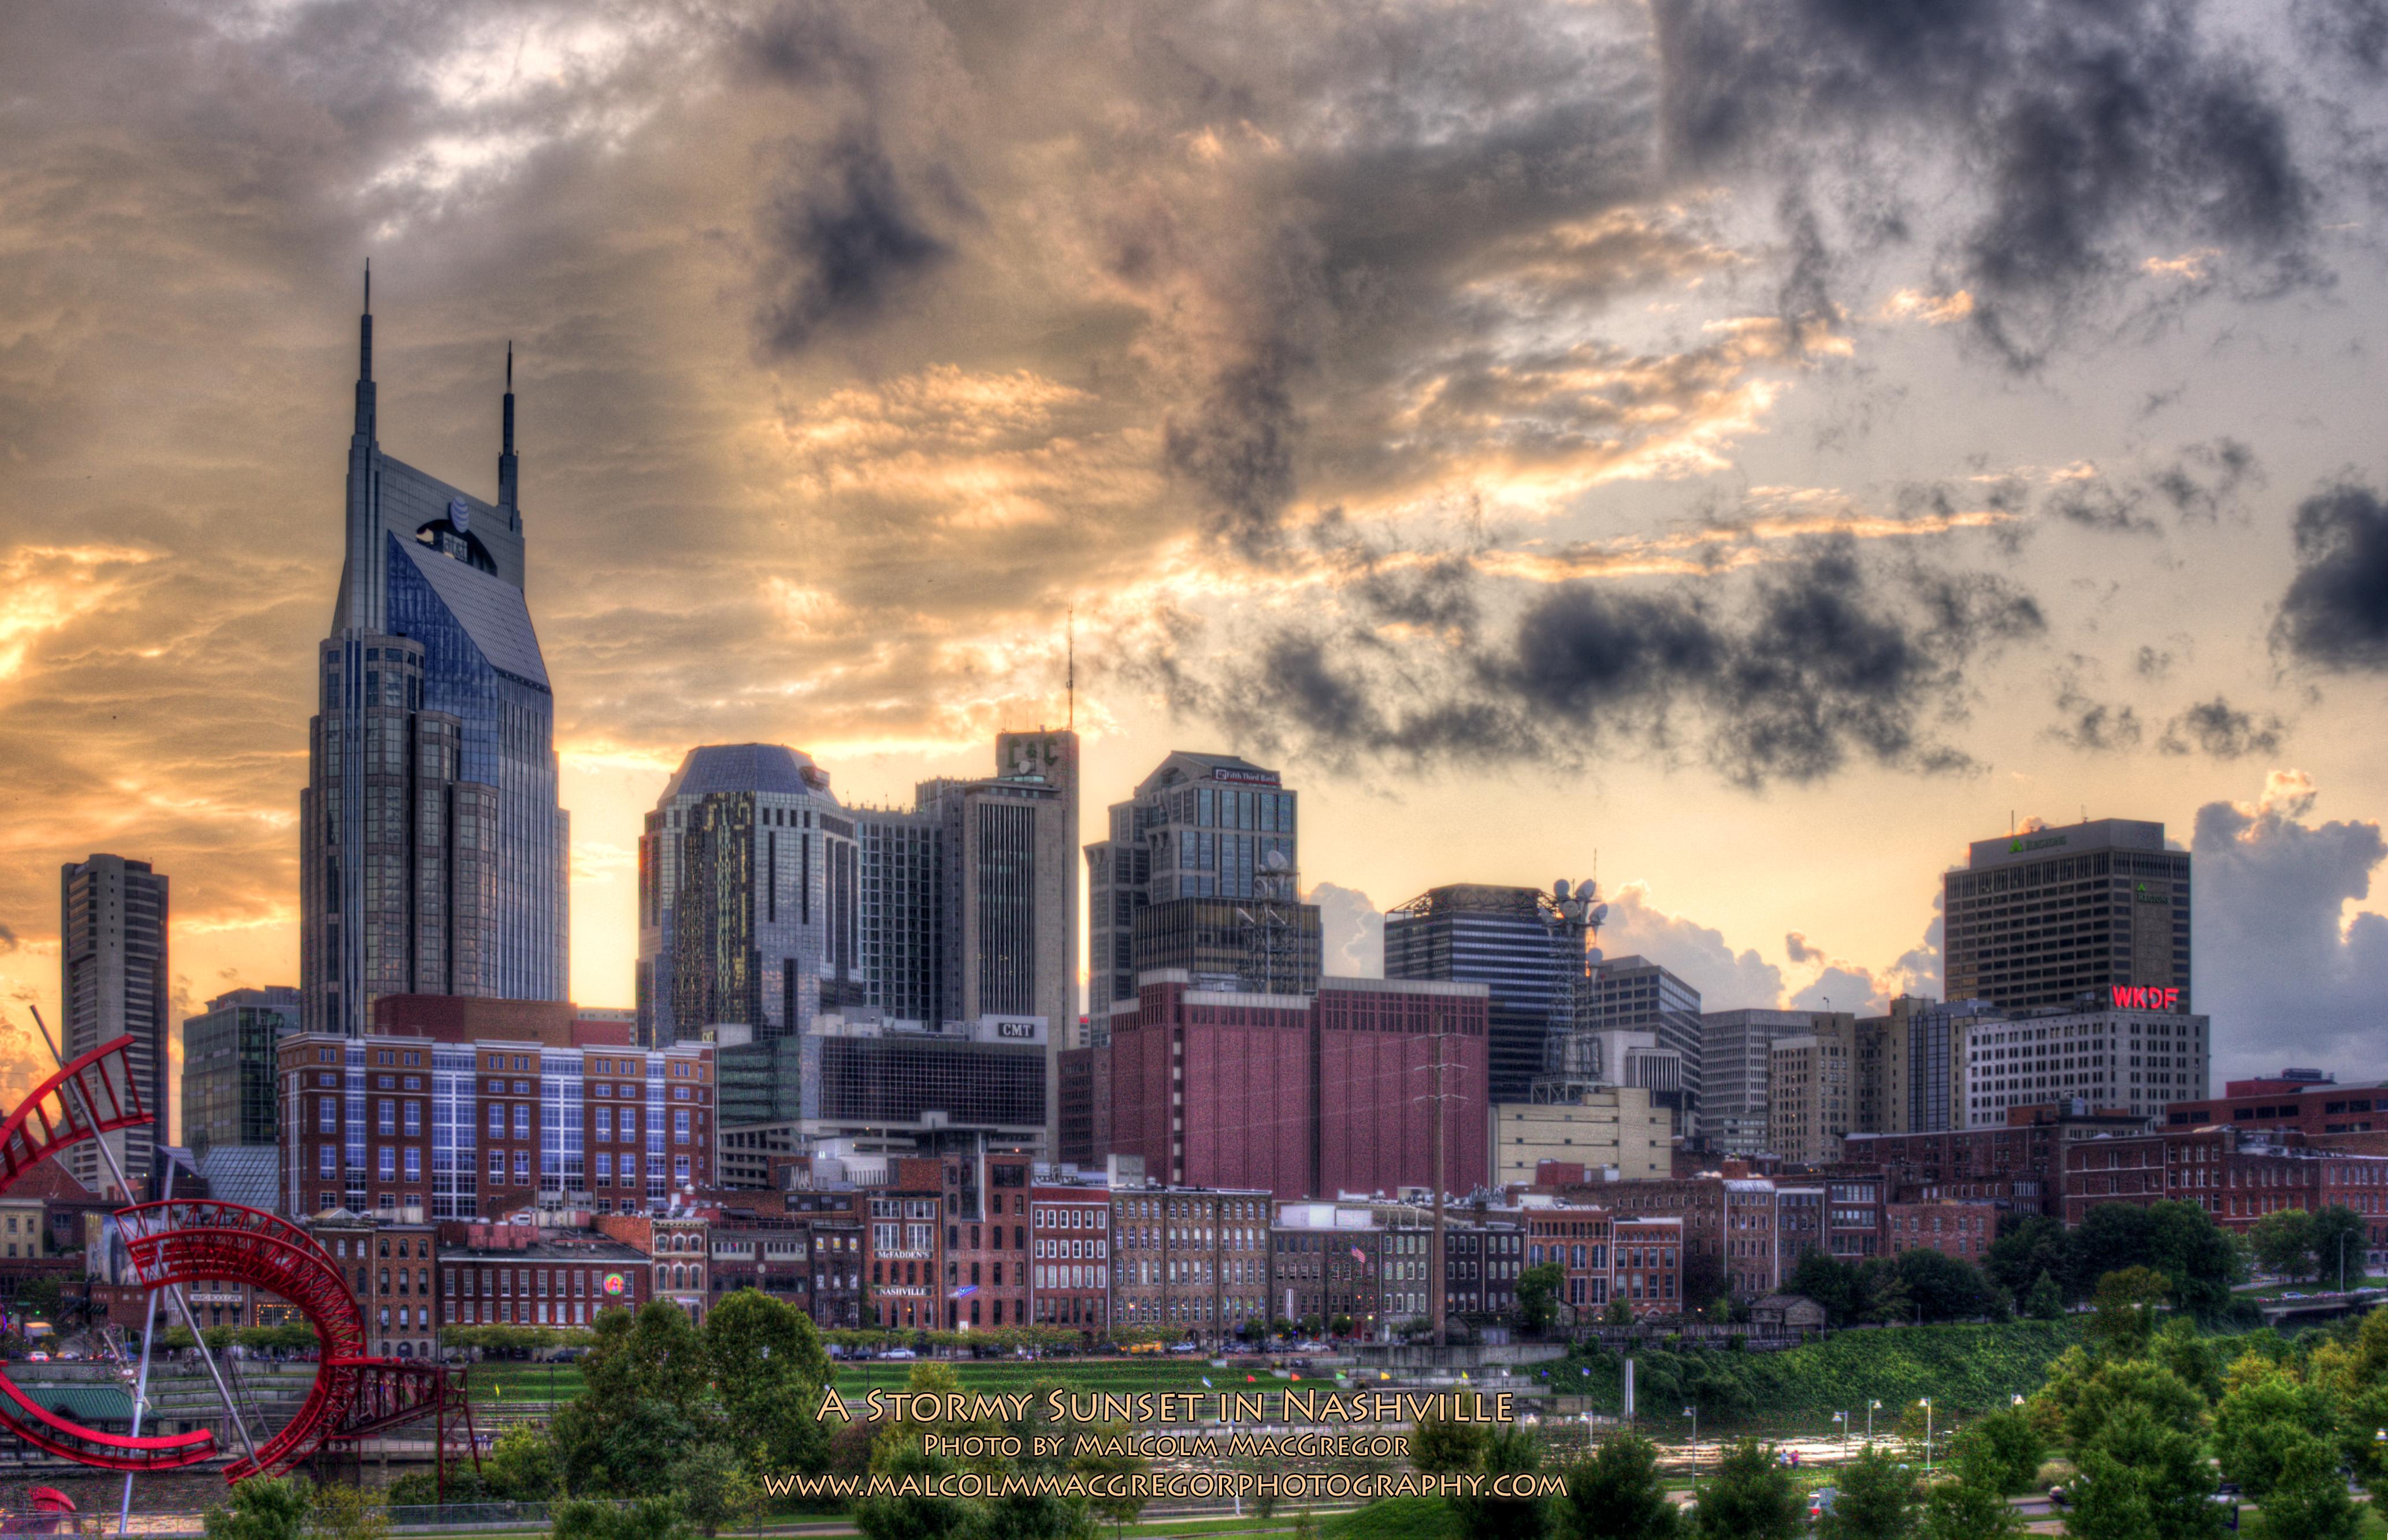 Desktop Background The Nashville Skyline Malcolm 4133x2666